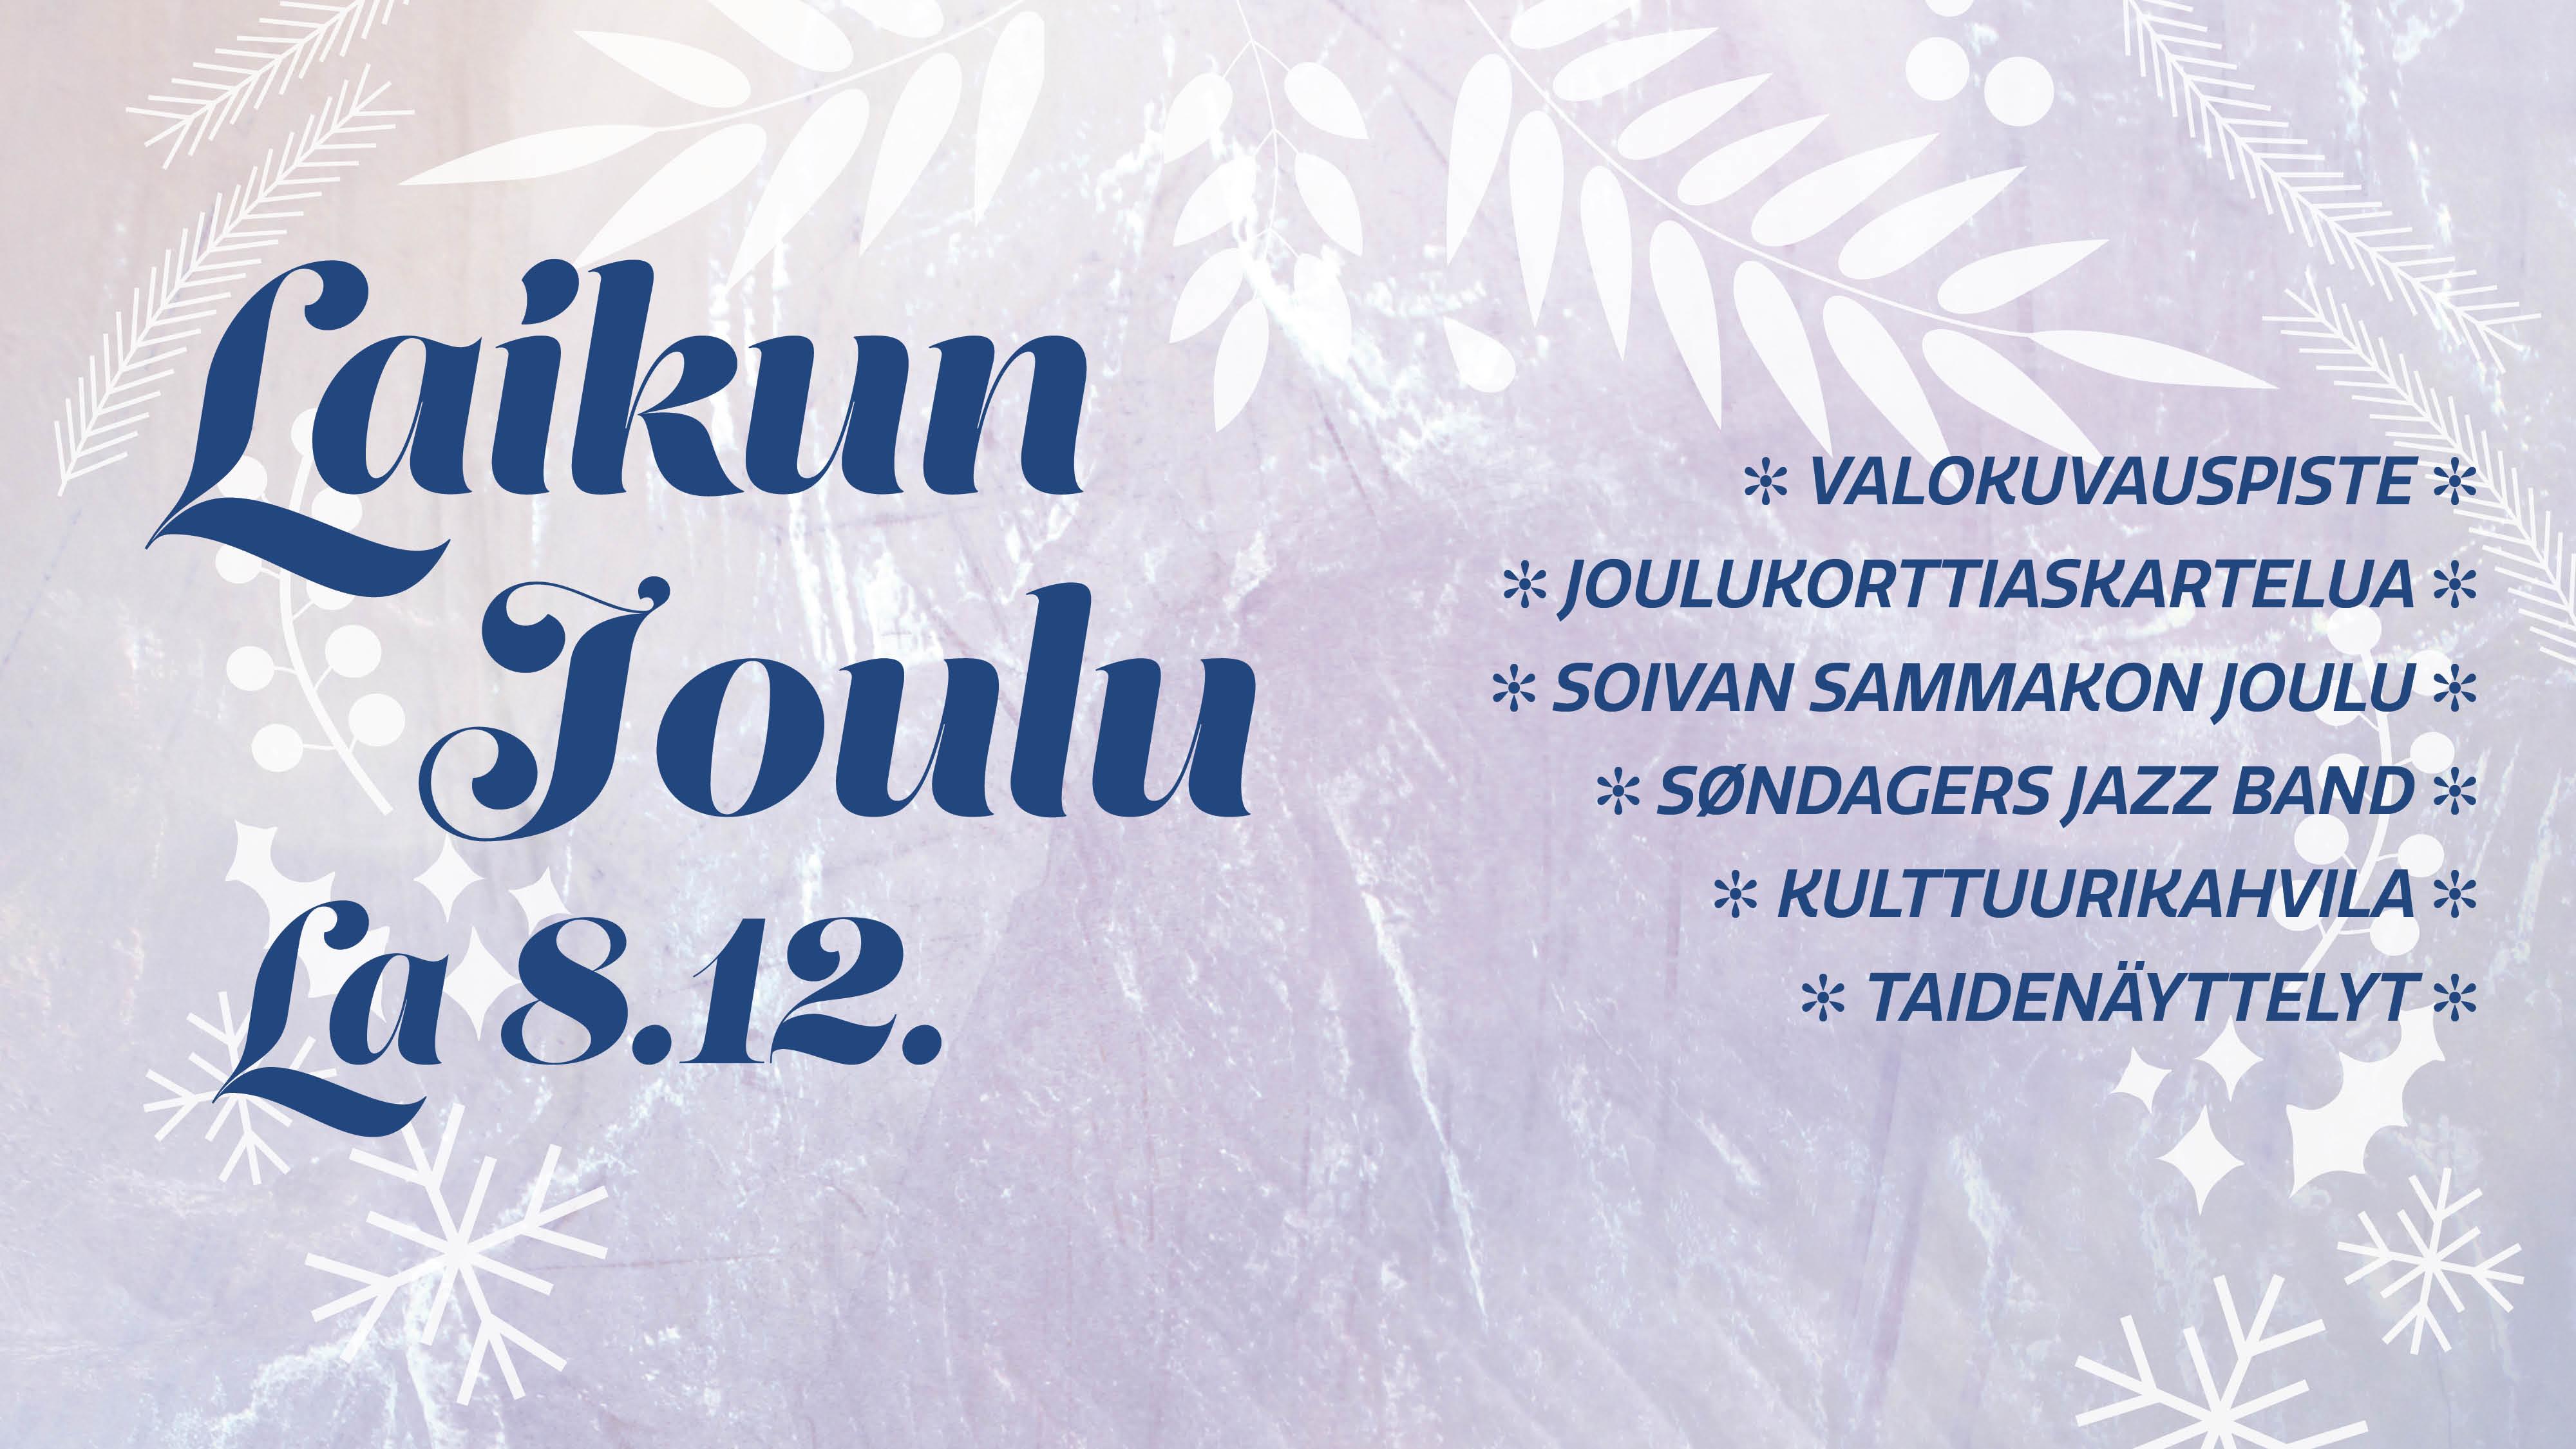 Joulutunnelmaa Laikussa la 8.12.!